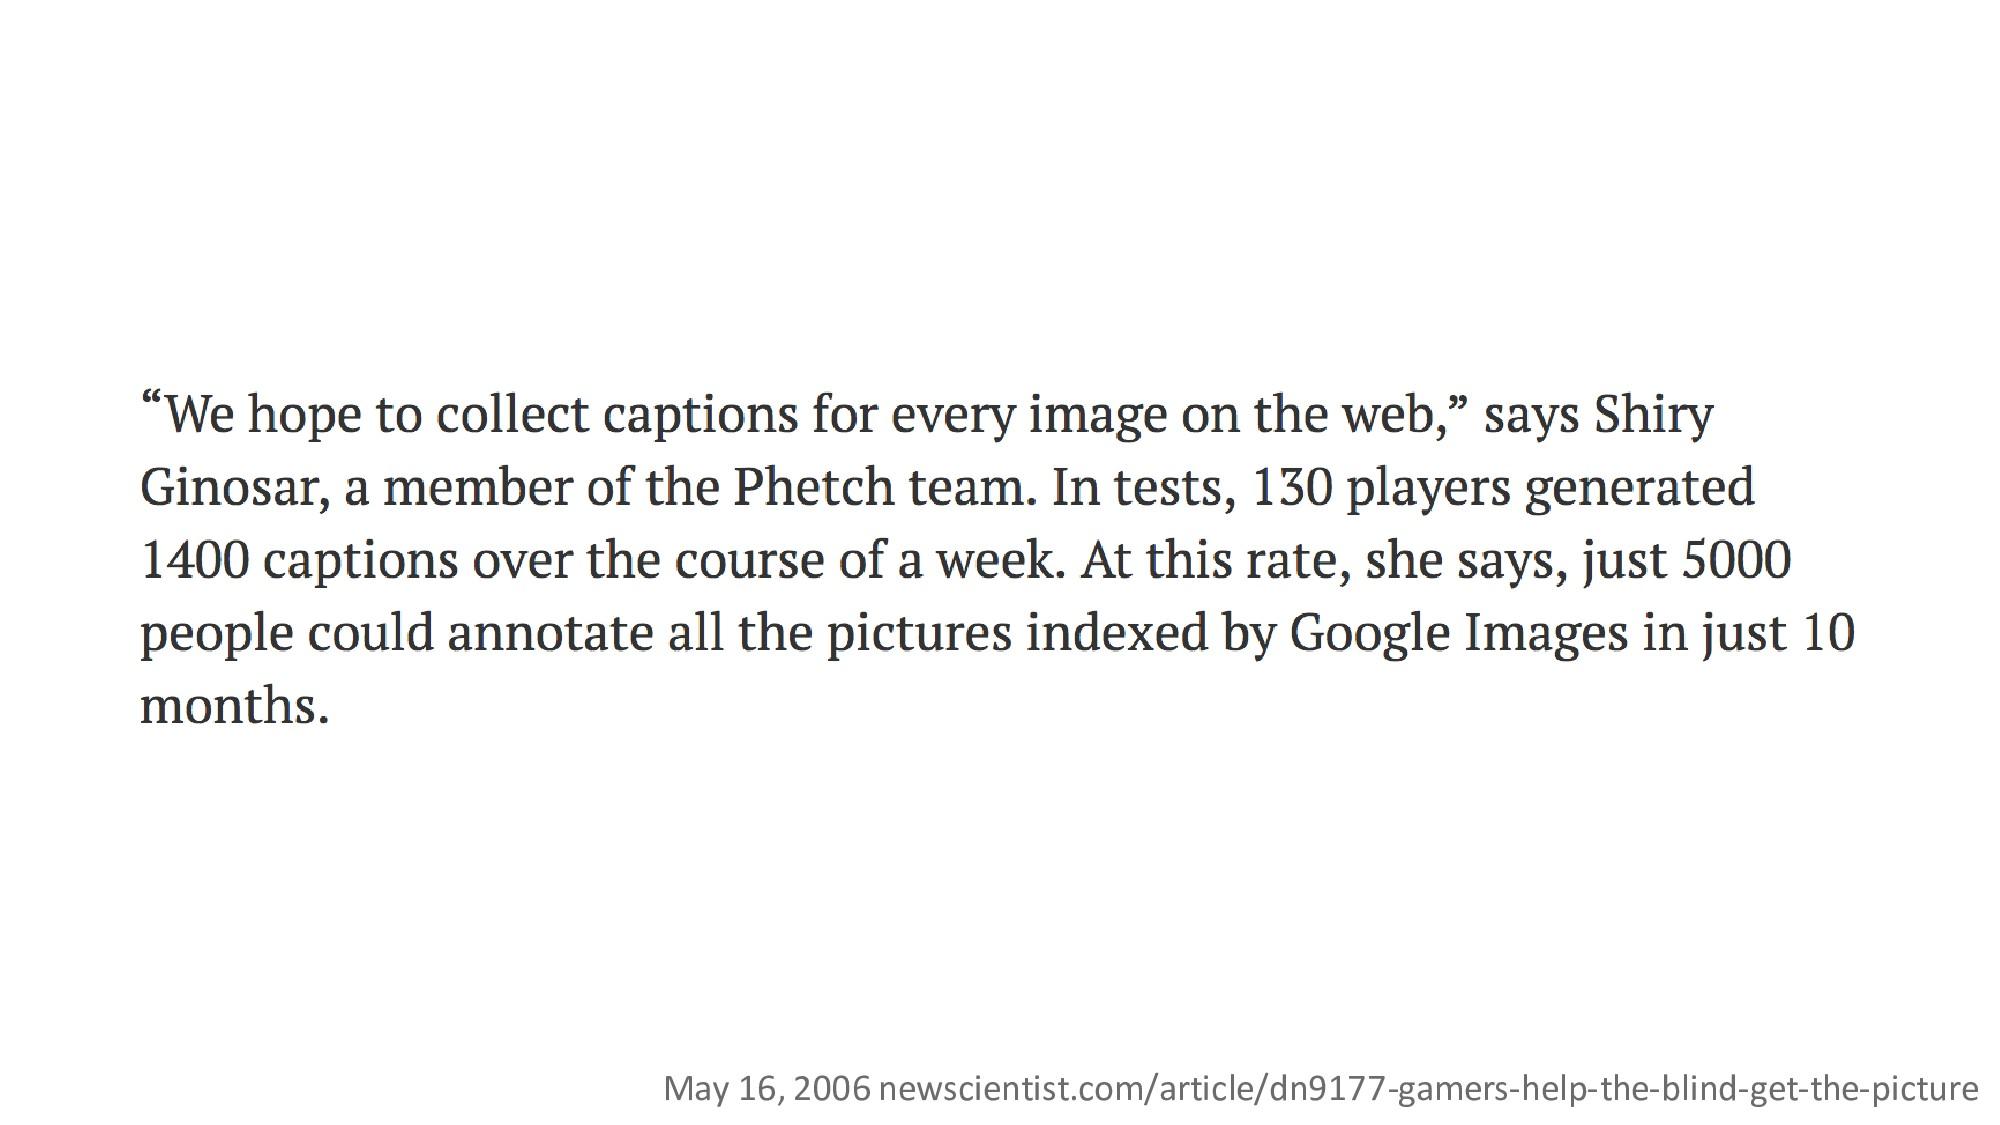 May 16, 2006 newscientist.com/article/dn9177-ga...